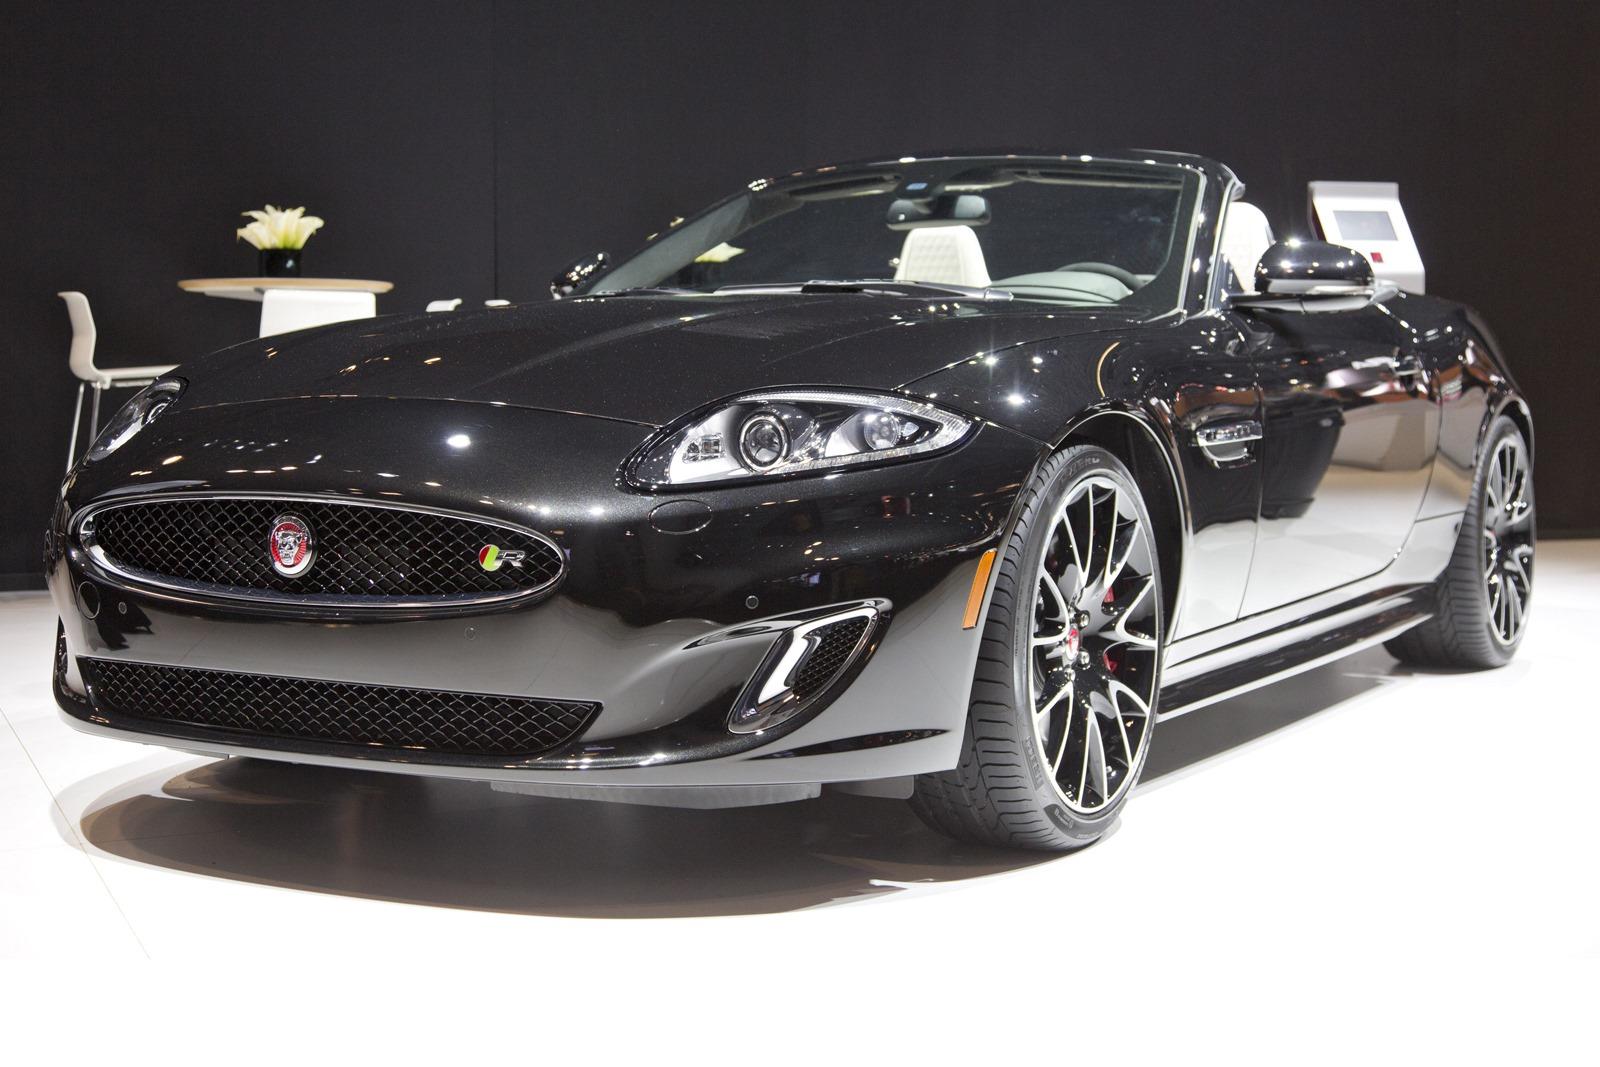 2008/11 - [Jaguar] XK Restylée - Page 4 Jaguar-XK-Final-Fifty-1%25255B4%25255D